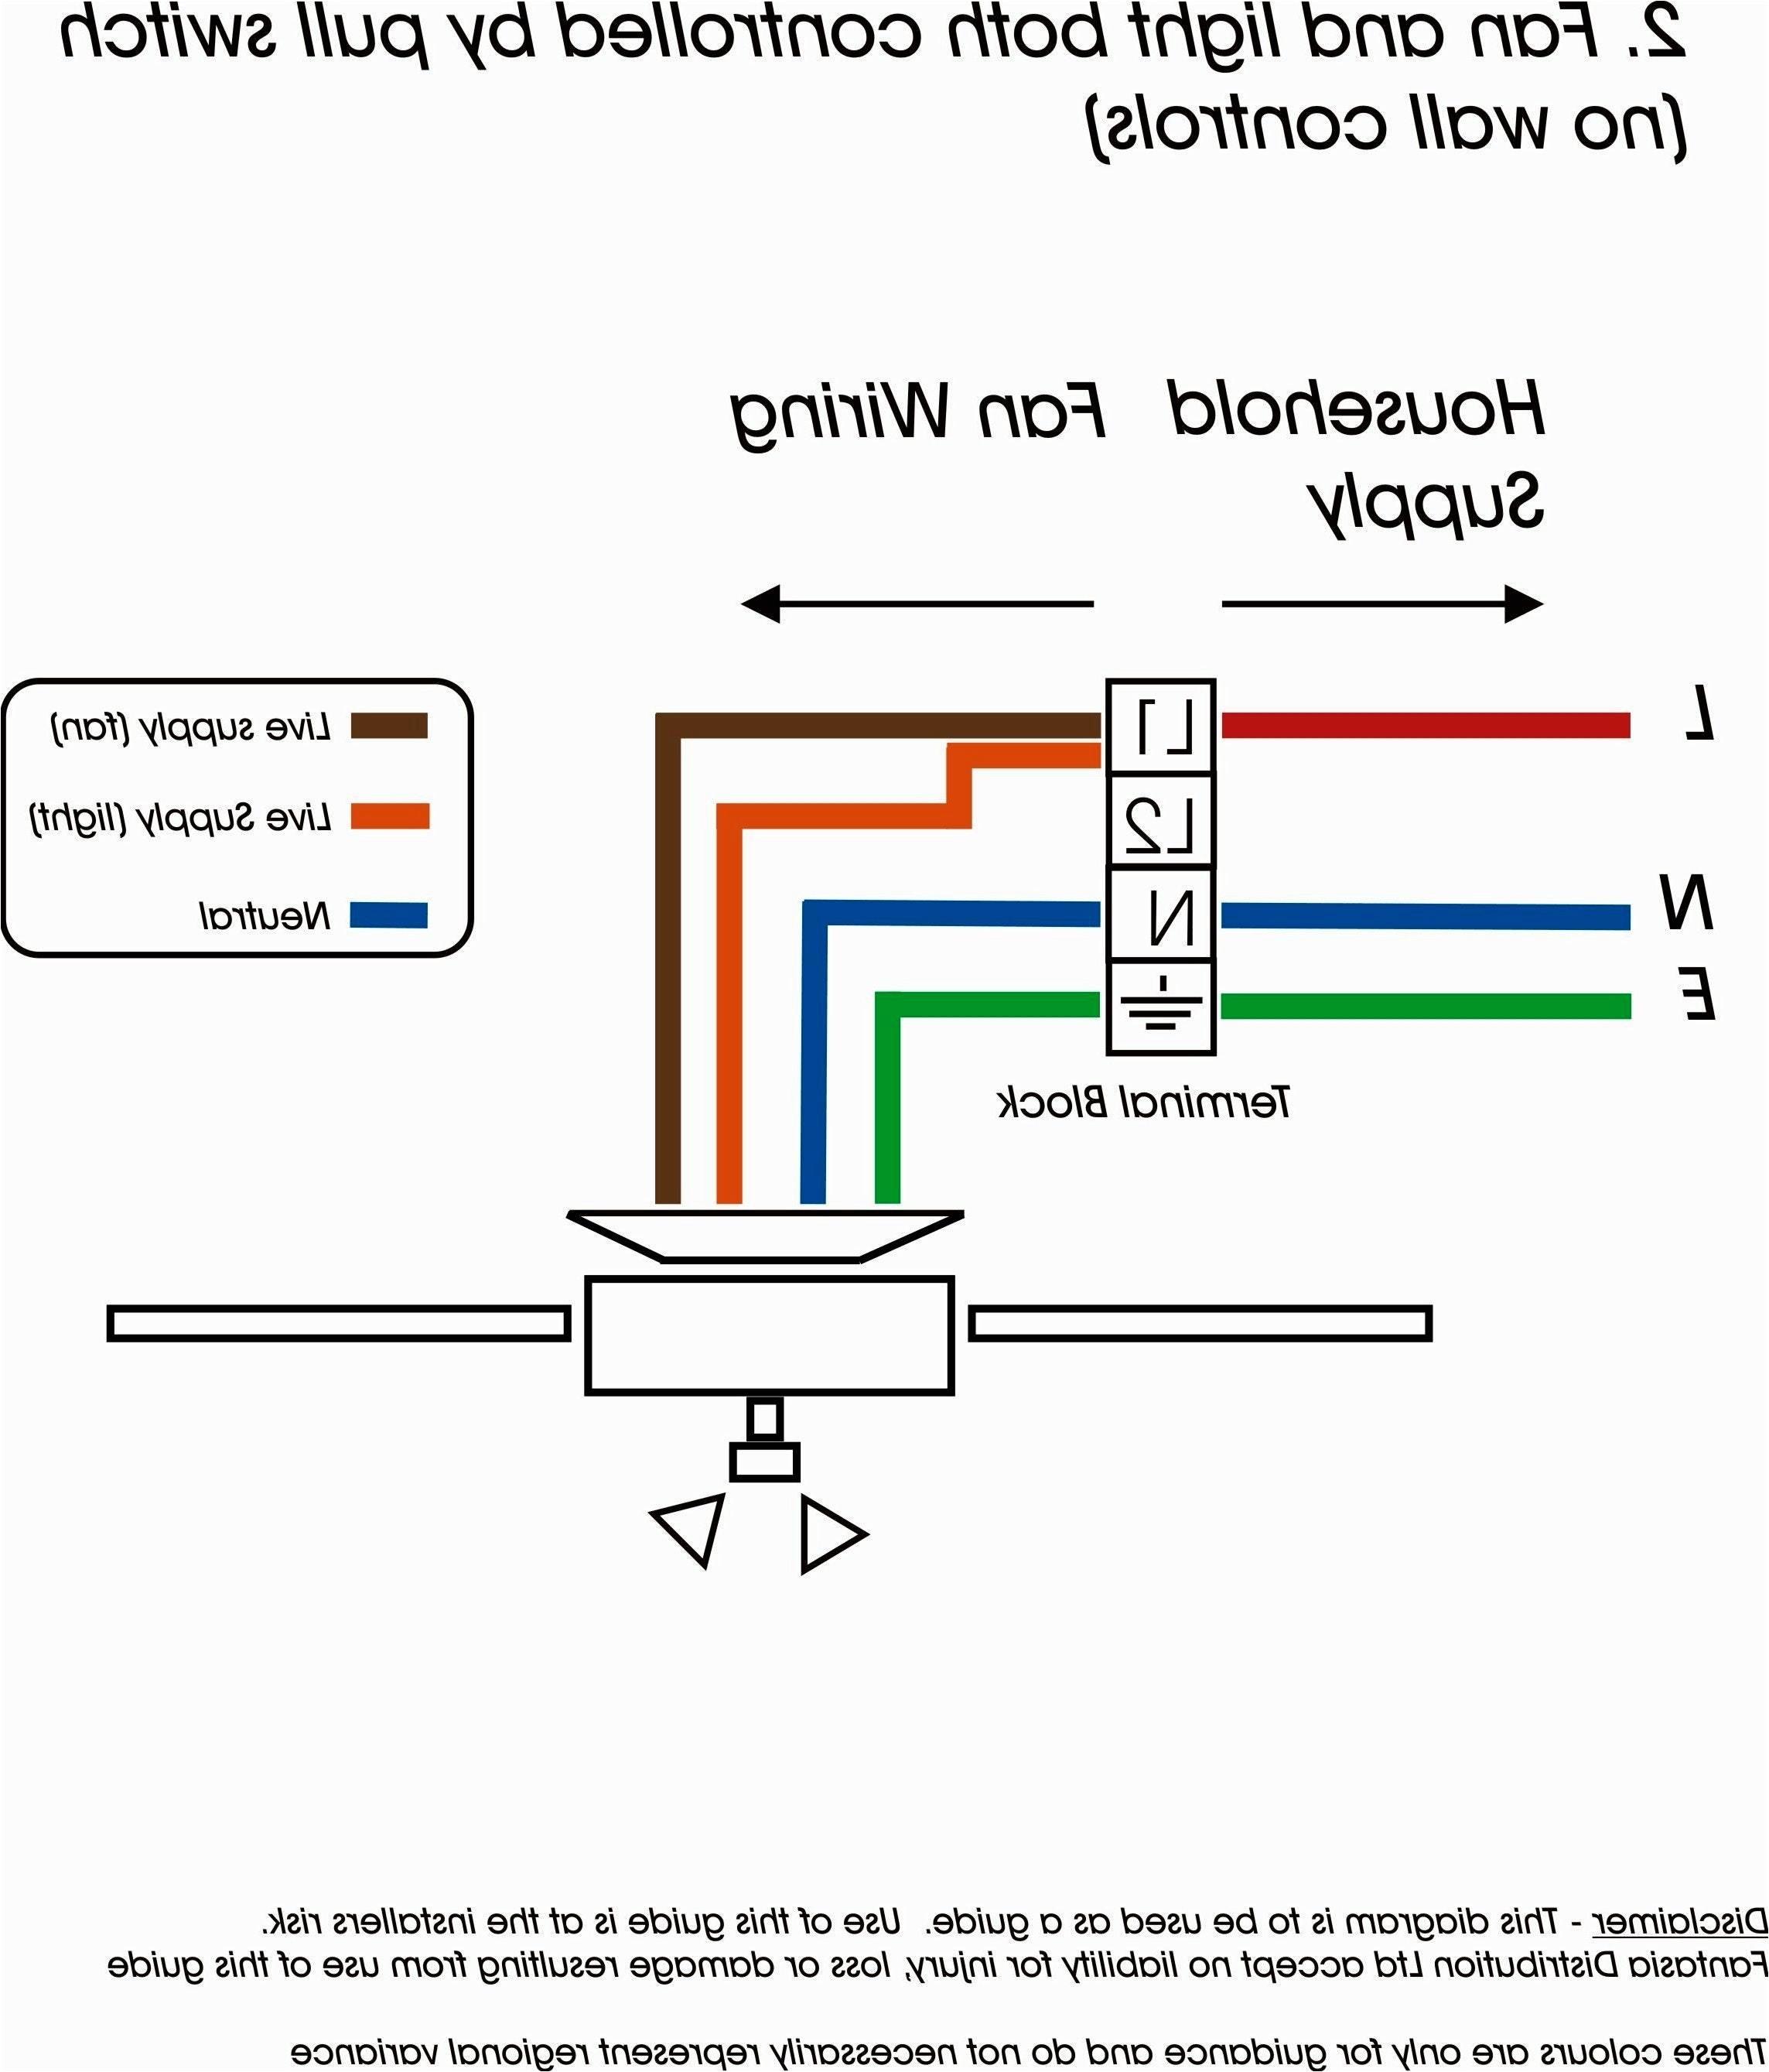 emerson ceiling fan wiring diagram wiring diagram blog emerson ceiling fan wiring diagram